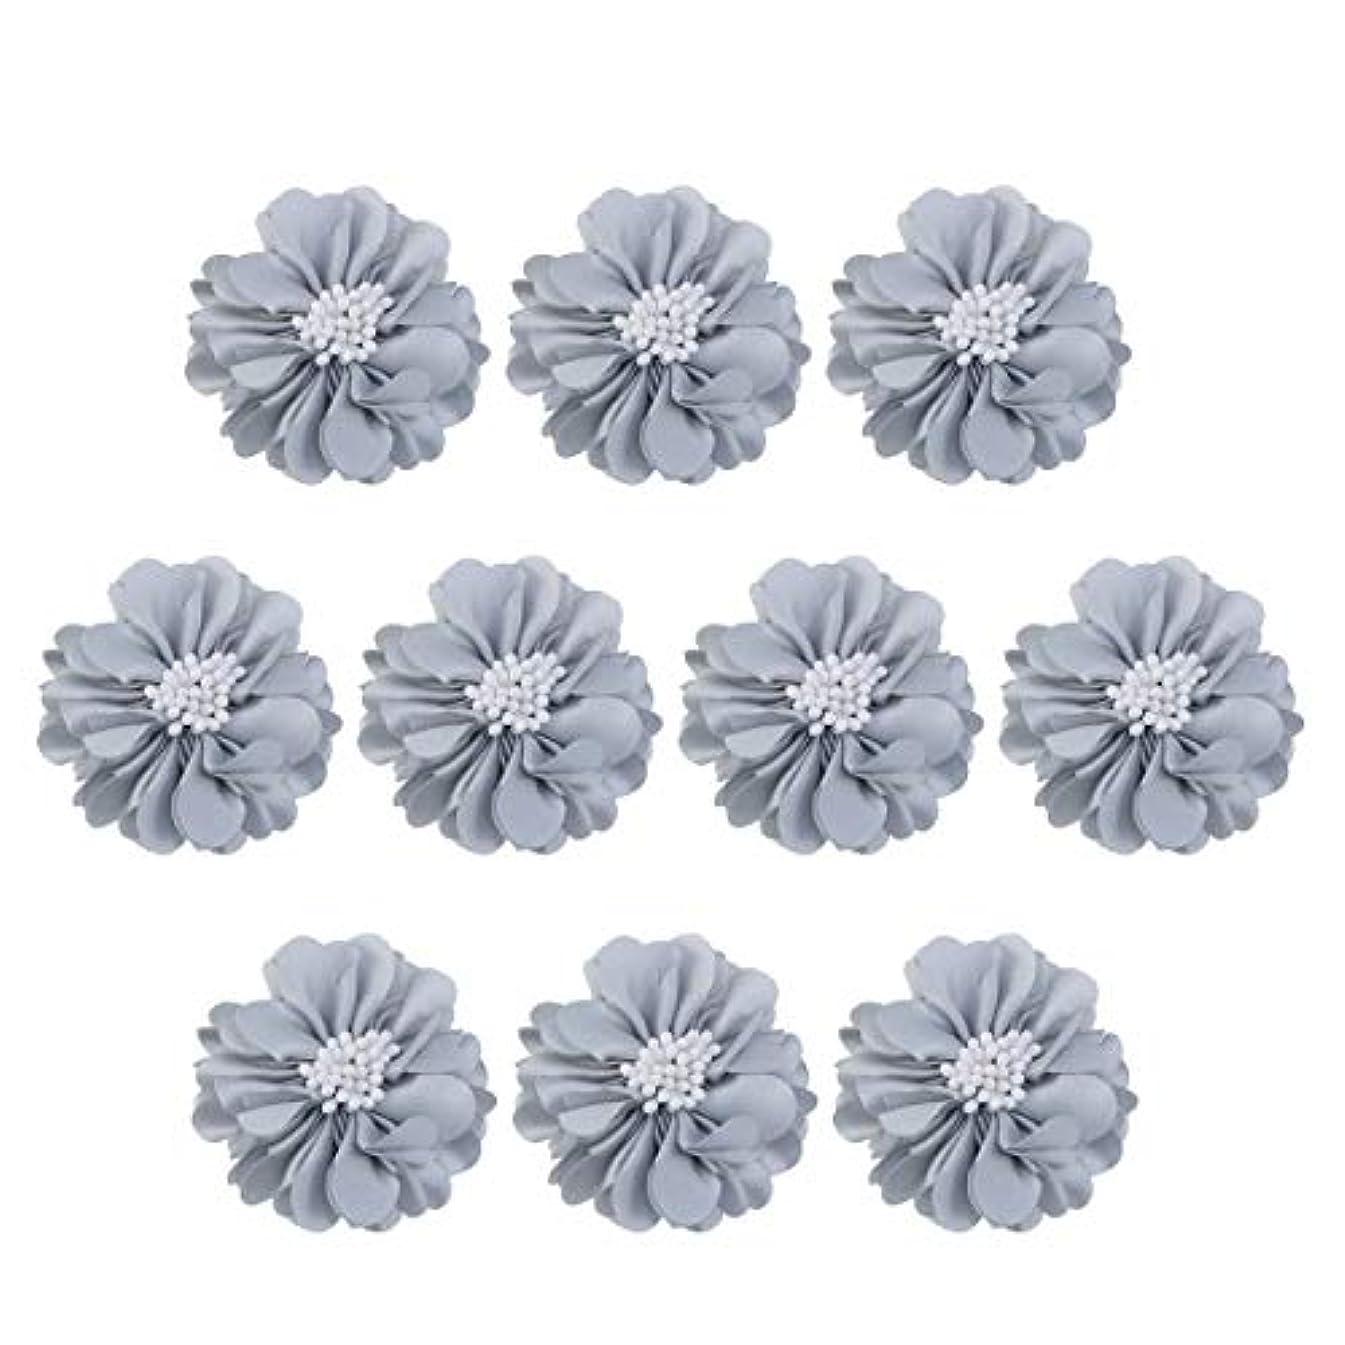 より虚弱欠点Vosarea 10個装飾シフォン花平底美しいDIY手作りぼろぼろの花のヘアクリップヘアアクセサリー(ブルー)